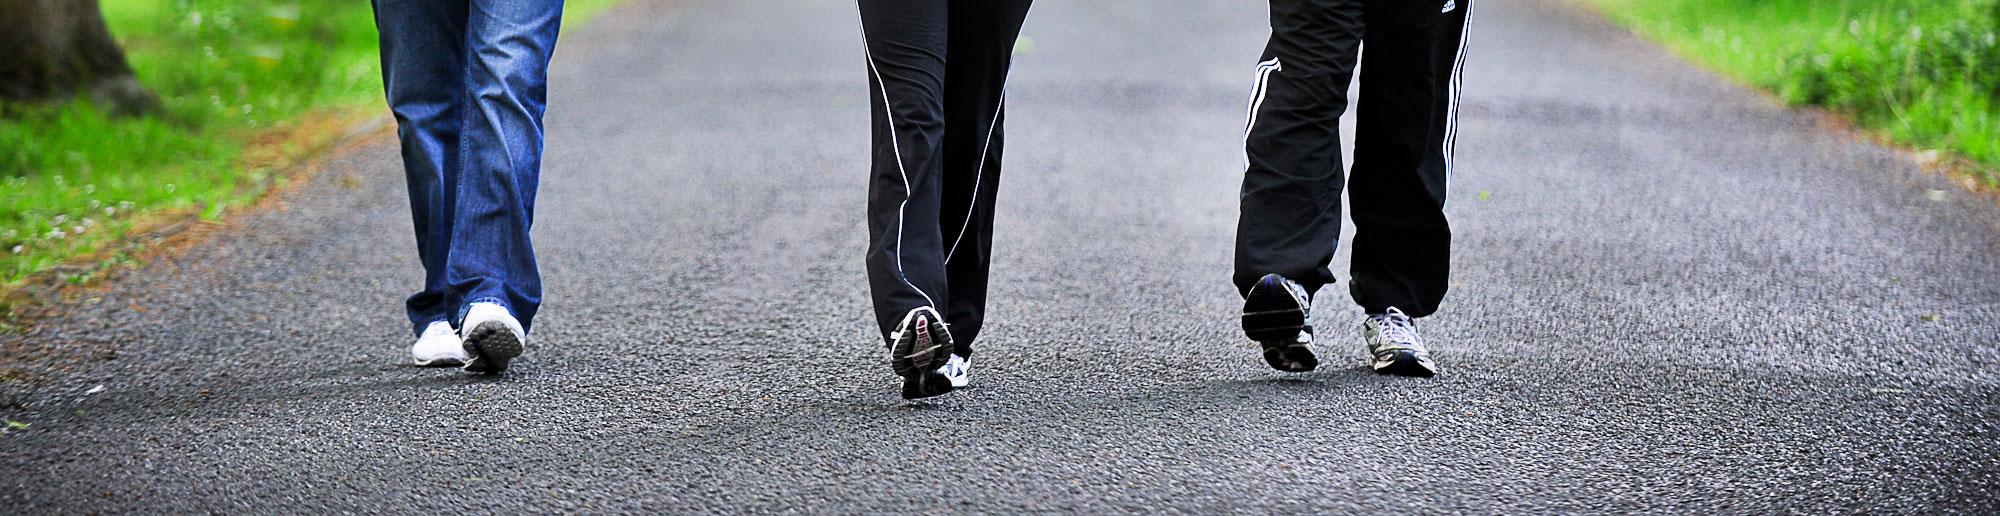 Uno studio rivela i benefici di camminare durante l'inverno